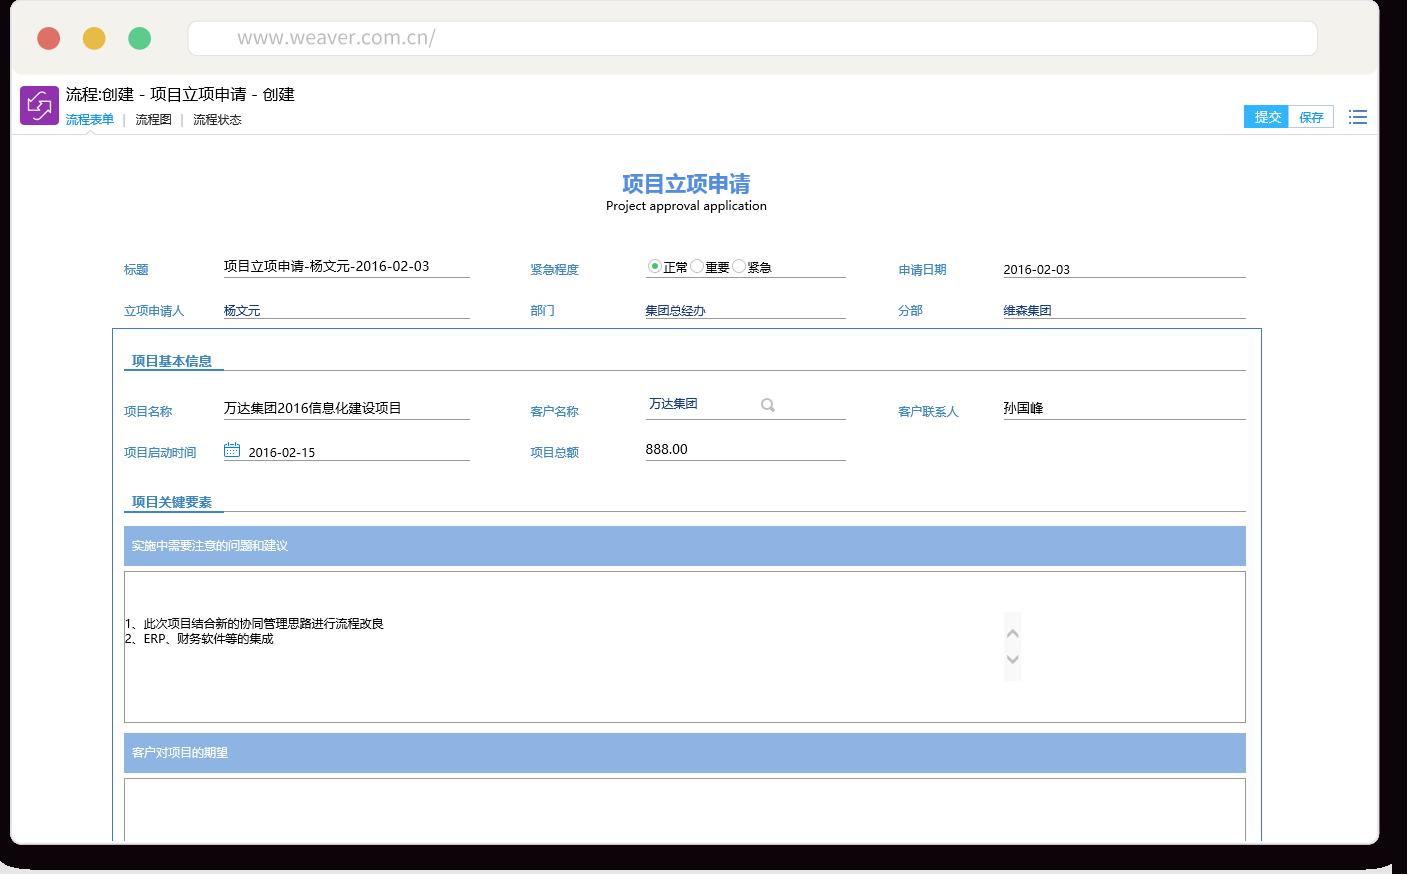 协同办公管理平台oa成功签约东莞市高新工业开发有限公司